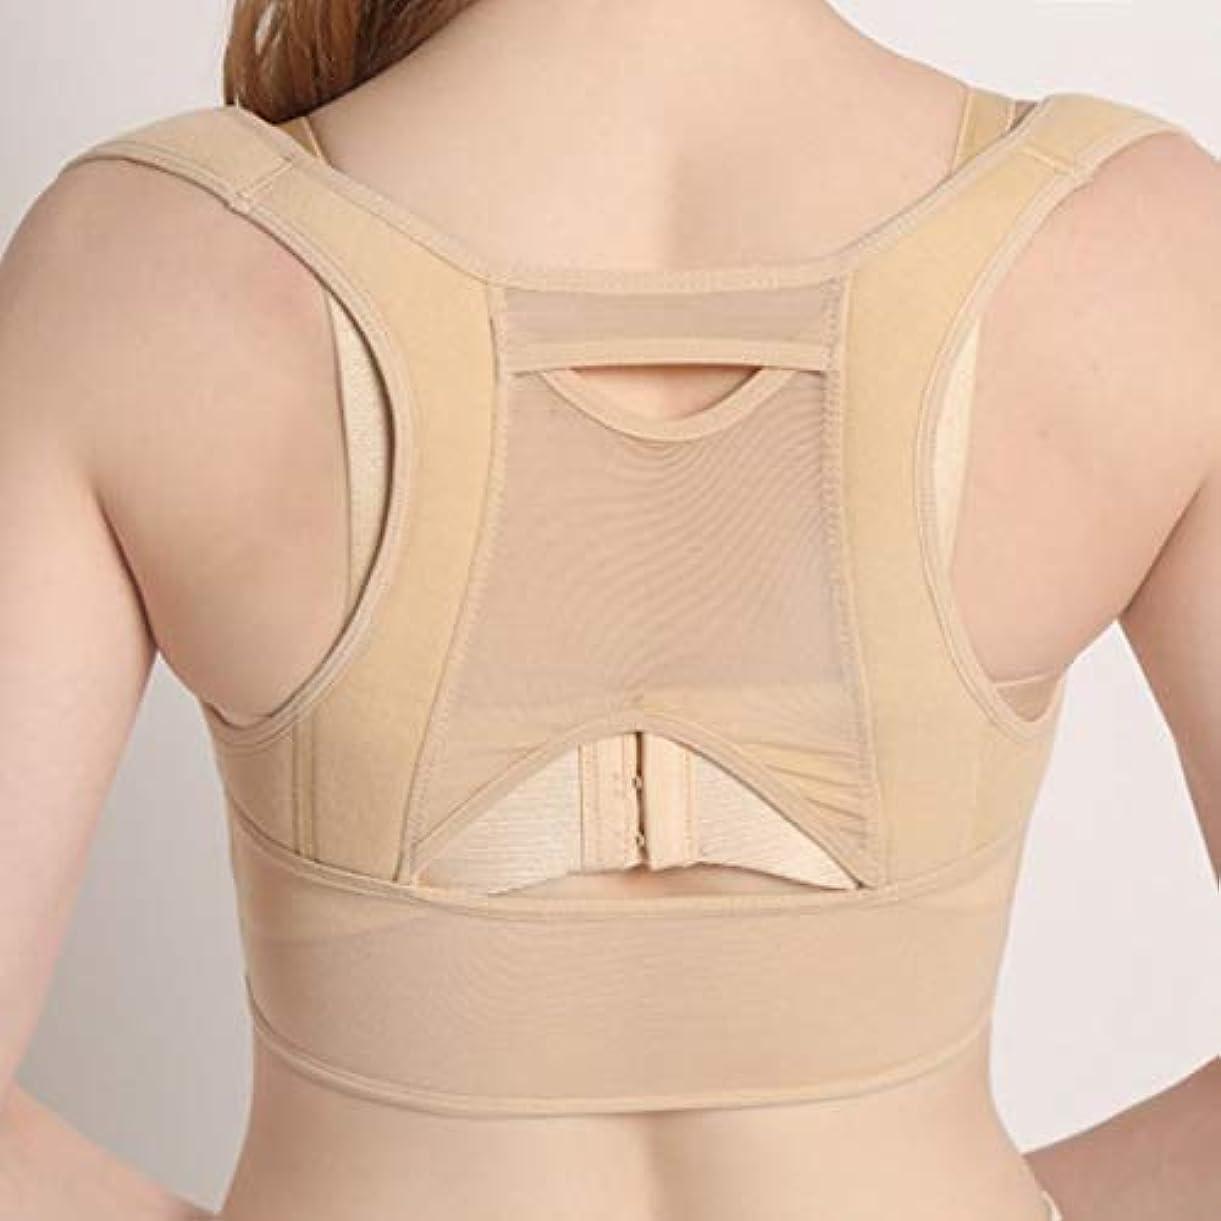 国籍コア口通気性のある女性の背中の姿勢矯正コルセット整形外科の肩の背骨の姿勢矯正腰椎サポート - ベージュホワイトM